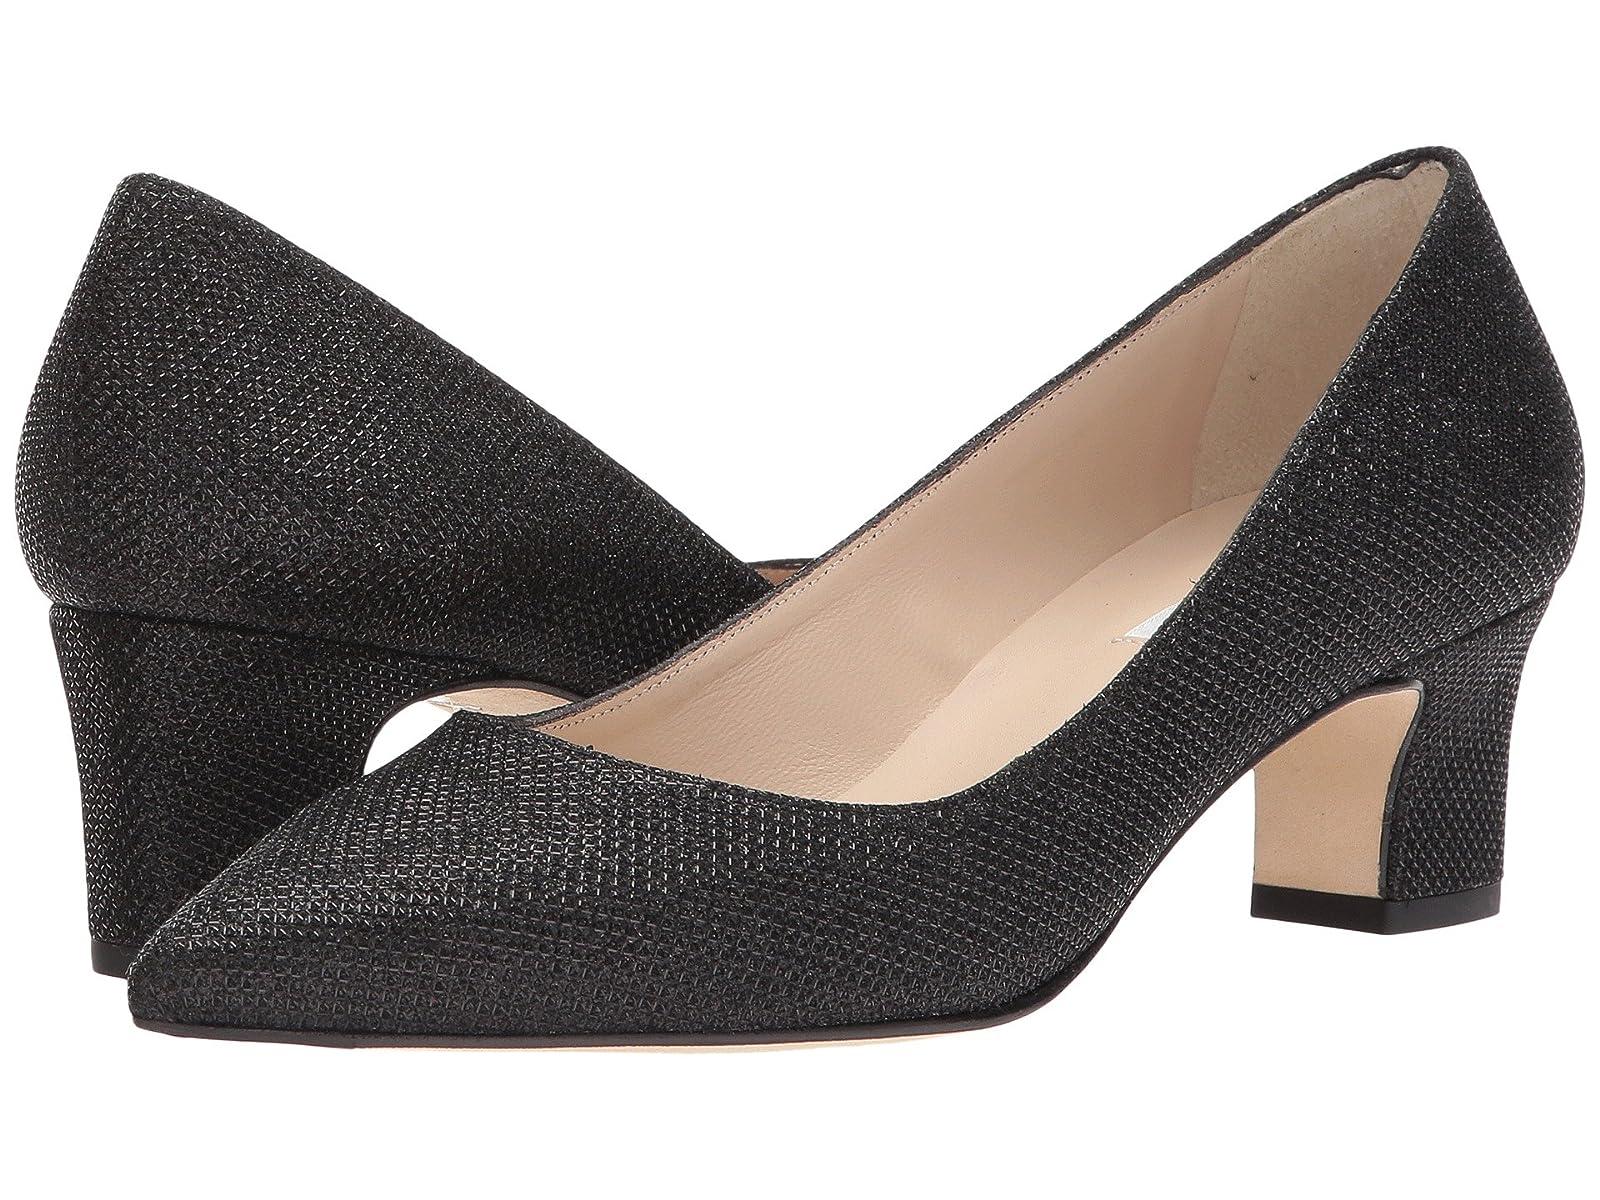 L.K. Bennett AnnabelleCheap and distinctive eye-catching shoes